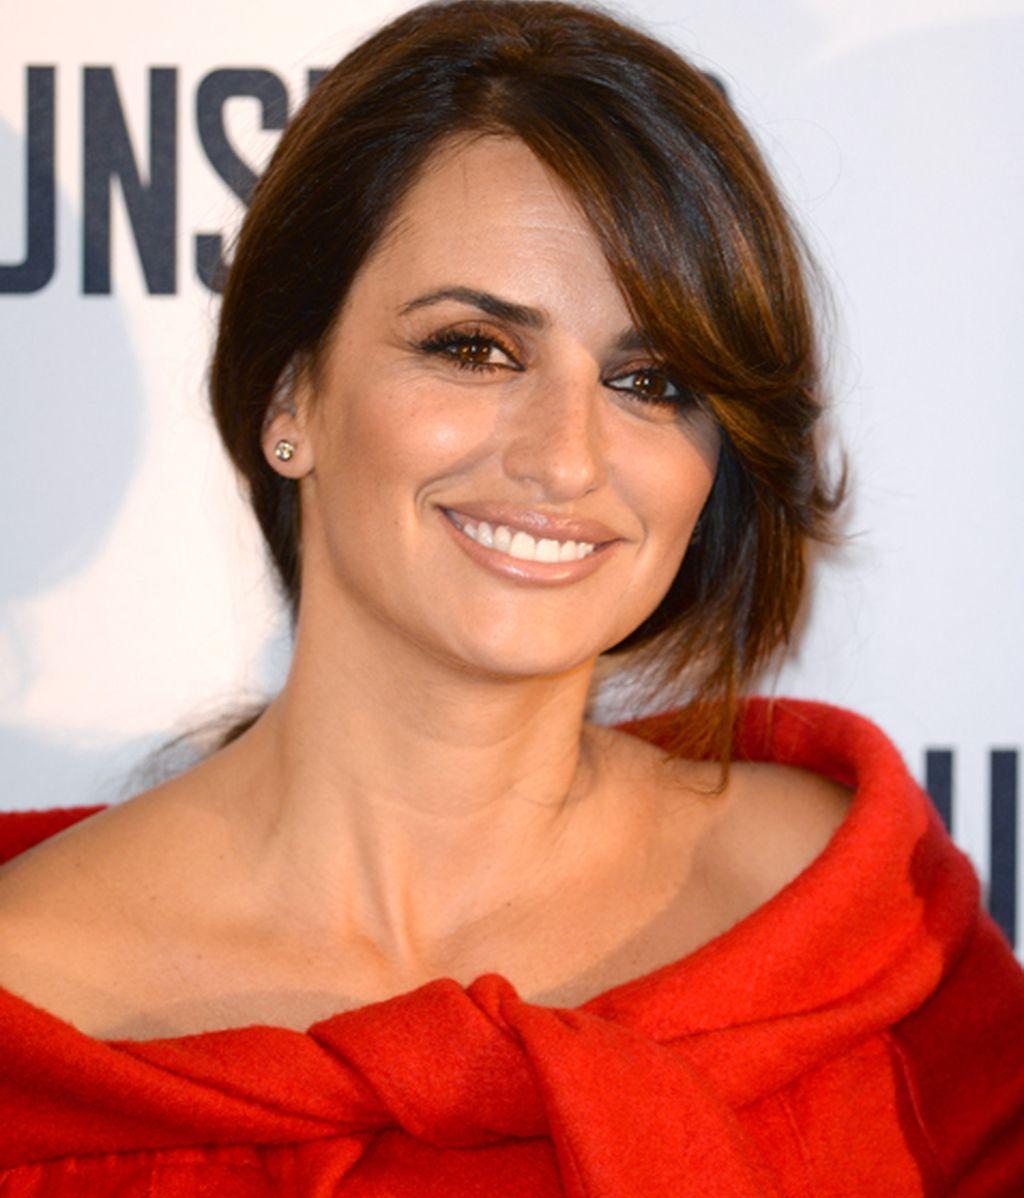 Penélope, radiante en un vestido de Armani en la rueda de prensa de 'El Consjero'